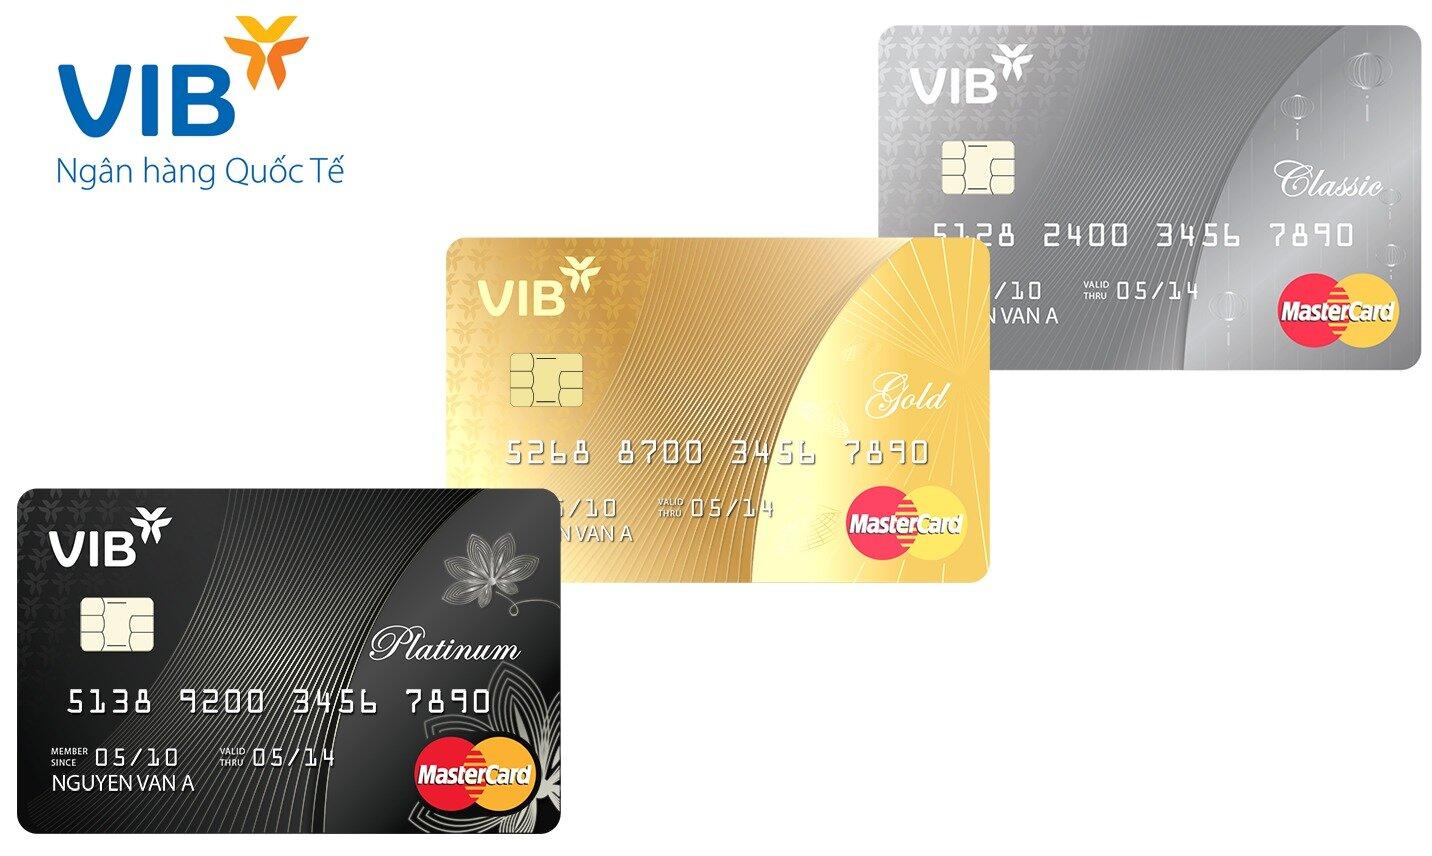 Hướng dẫn làm thẻ tín dụng VIB – hạn mức và biểu phí sử dụng